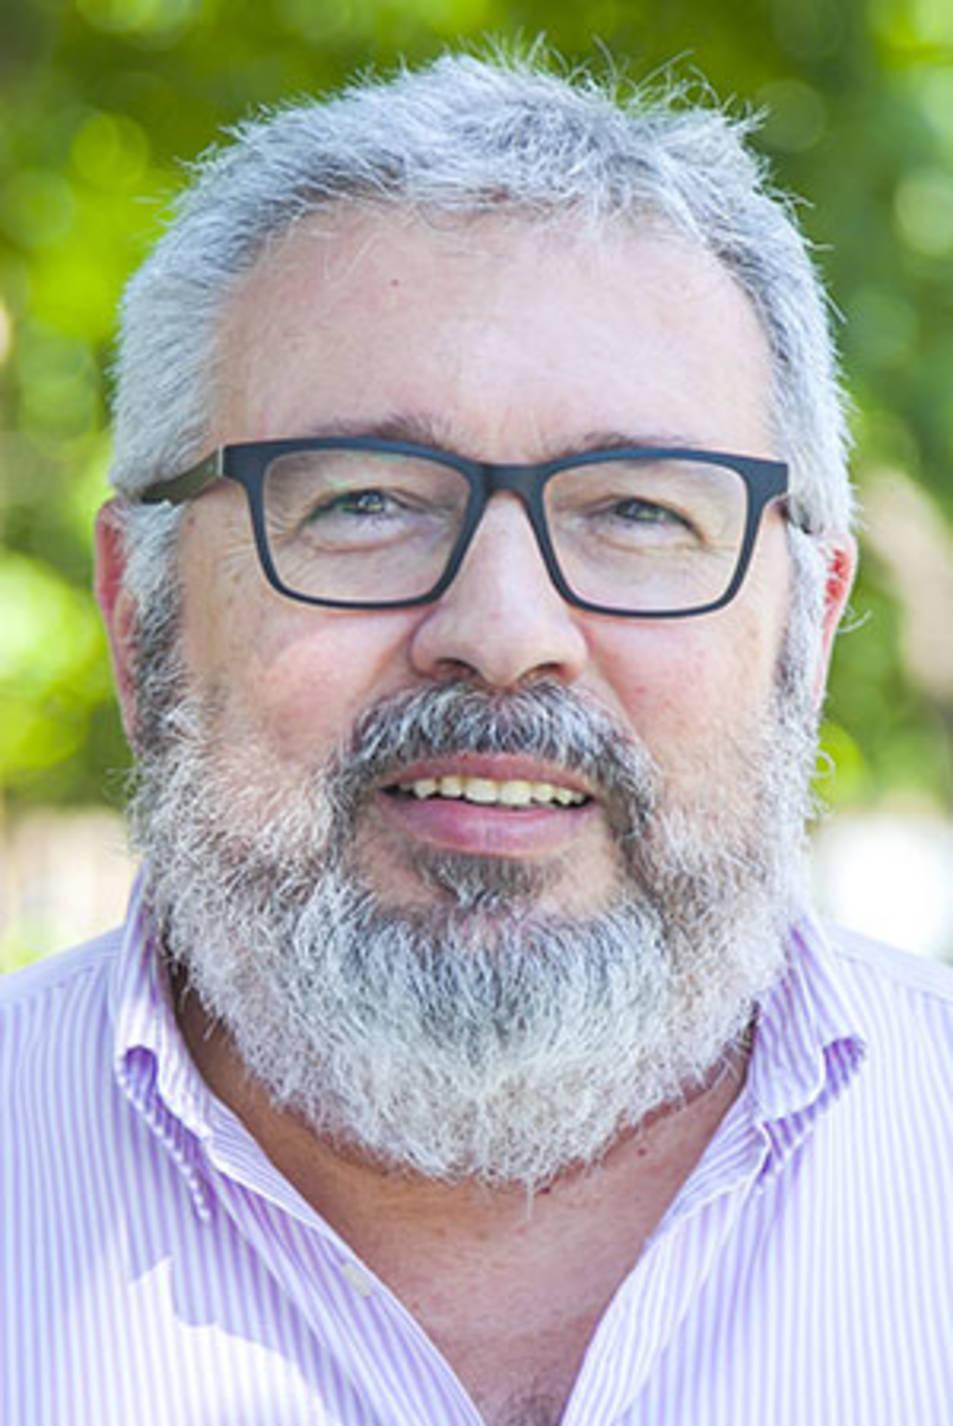 Moisés Peñalver